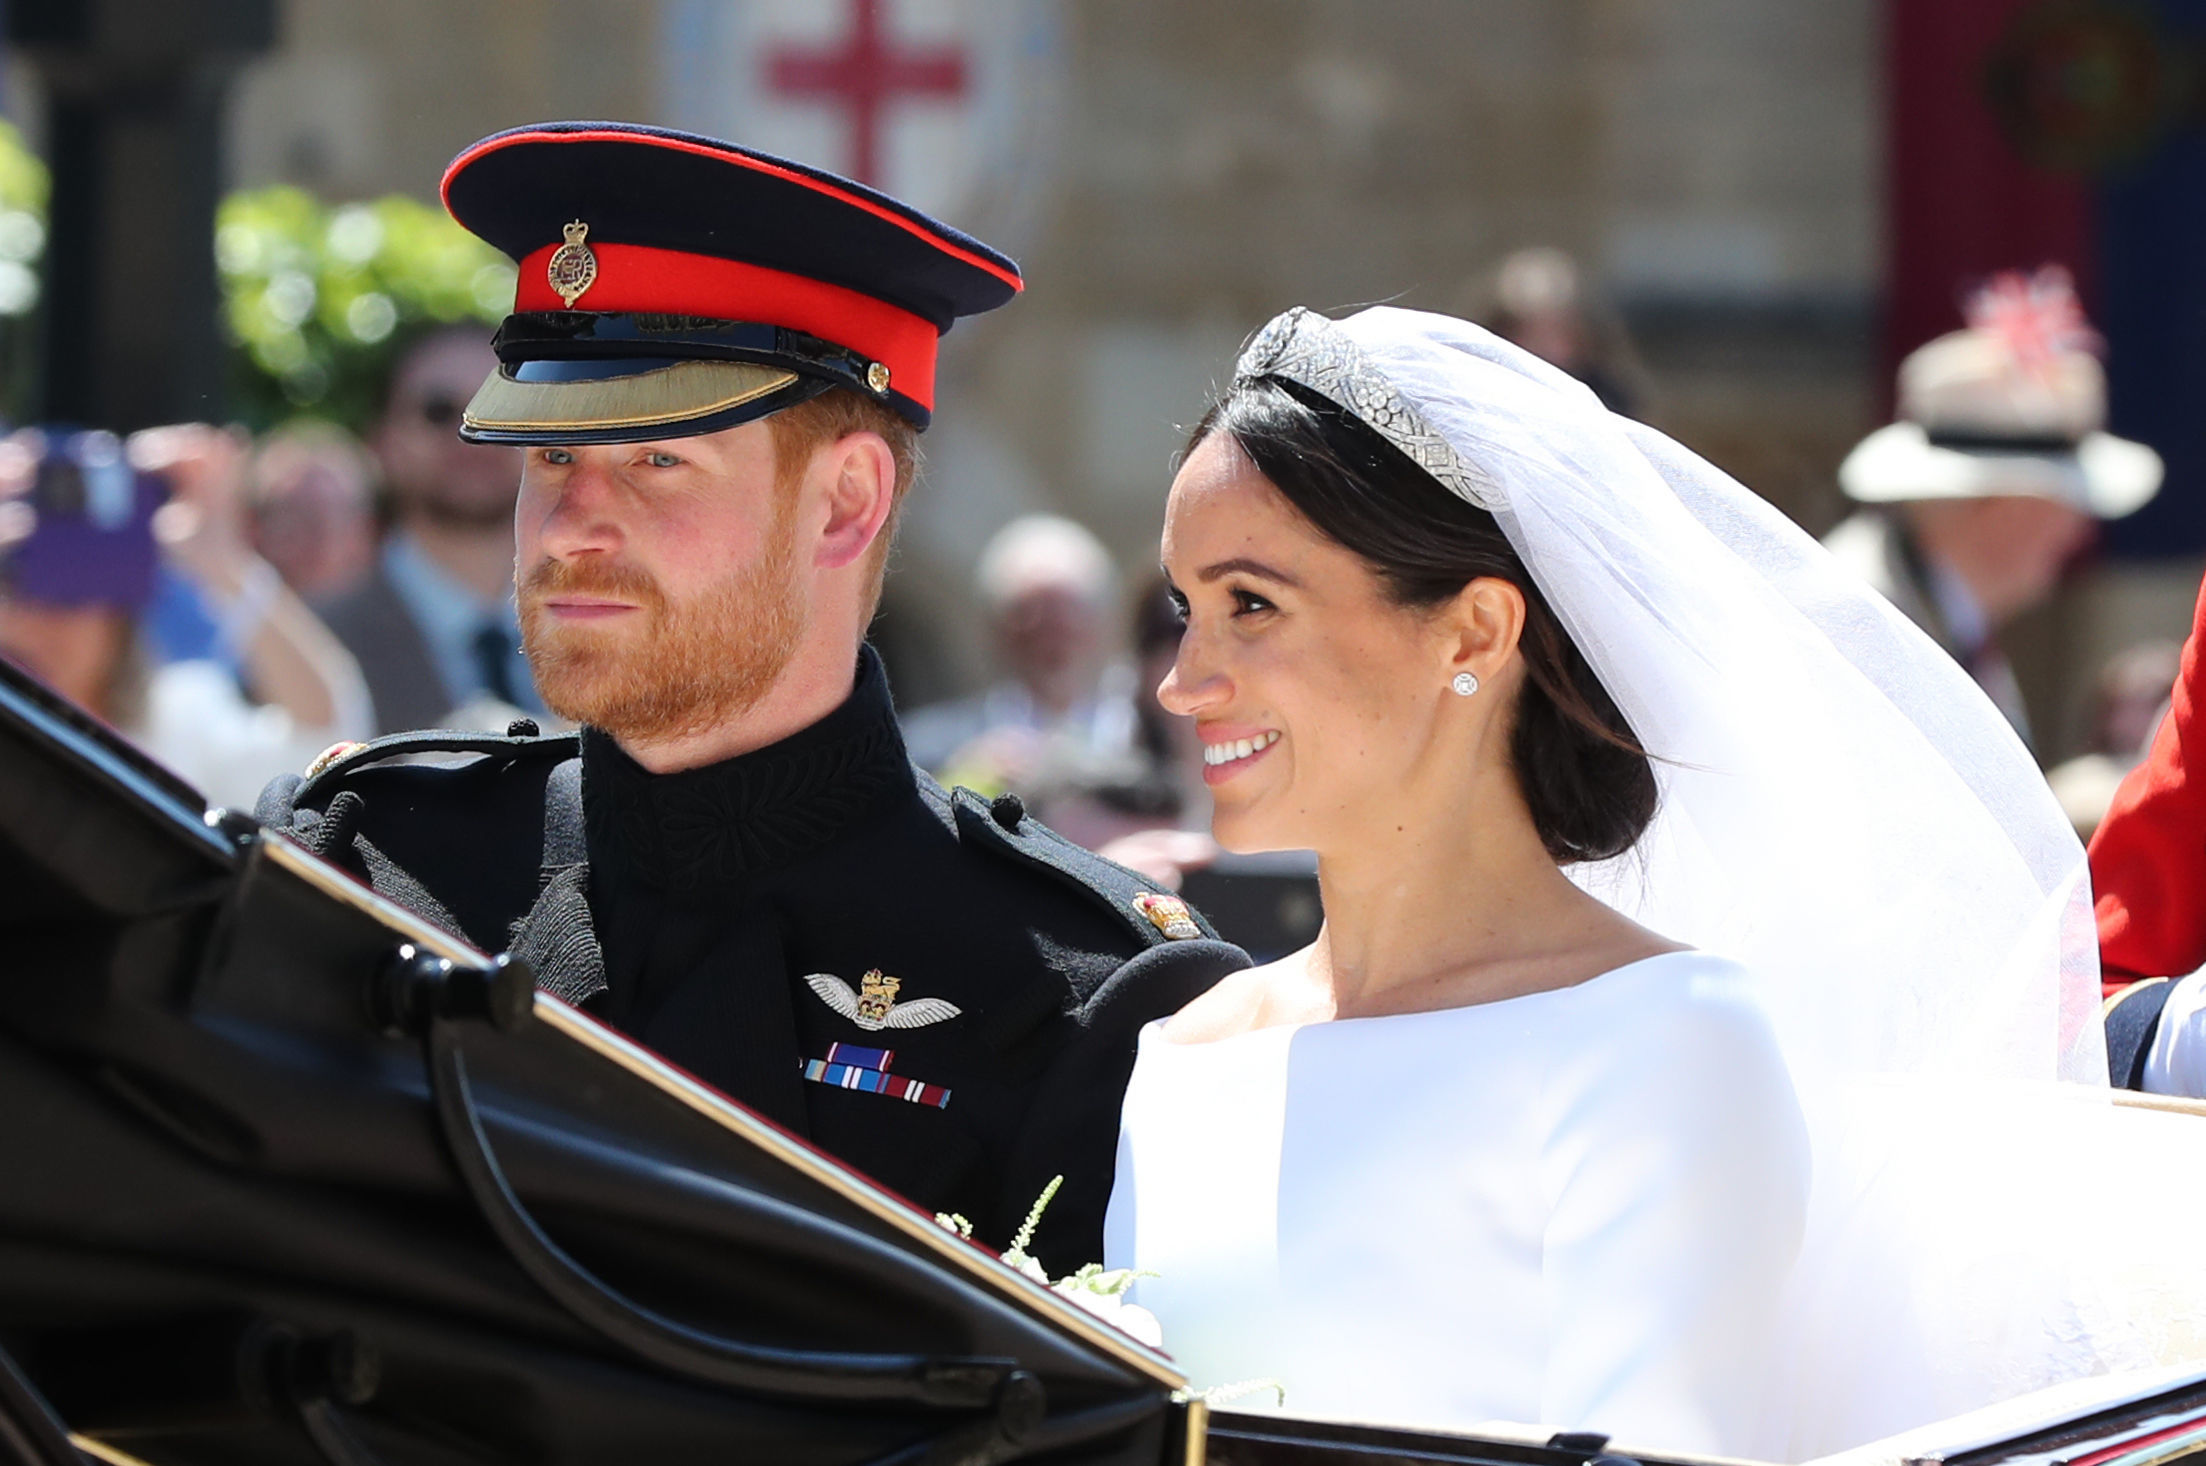 A királyi család nem sajnálta az adófizetők pénzét, hogy világszép legyen az esküvő